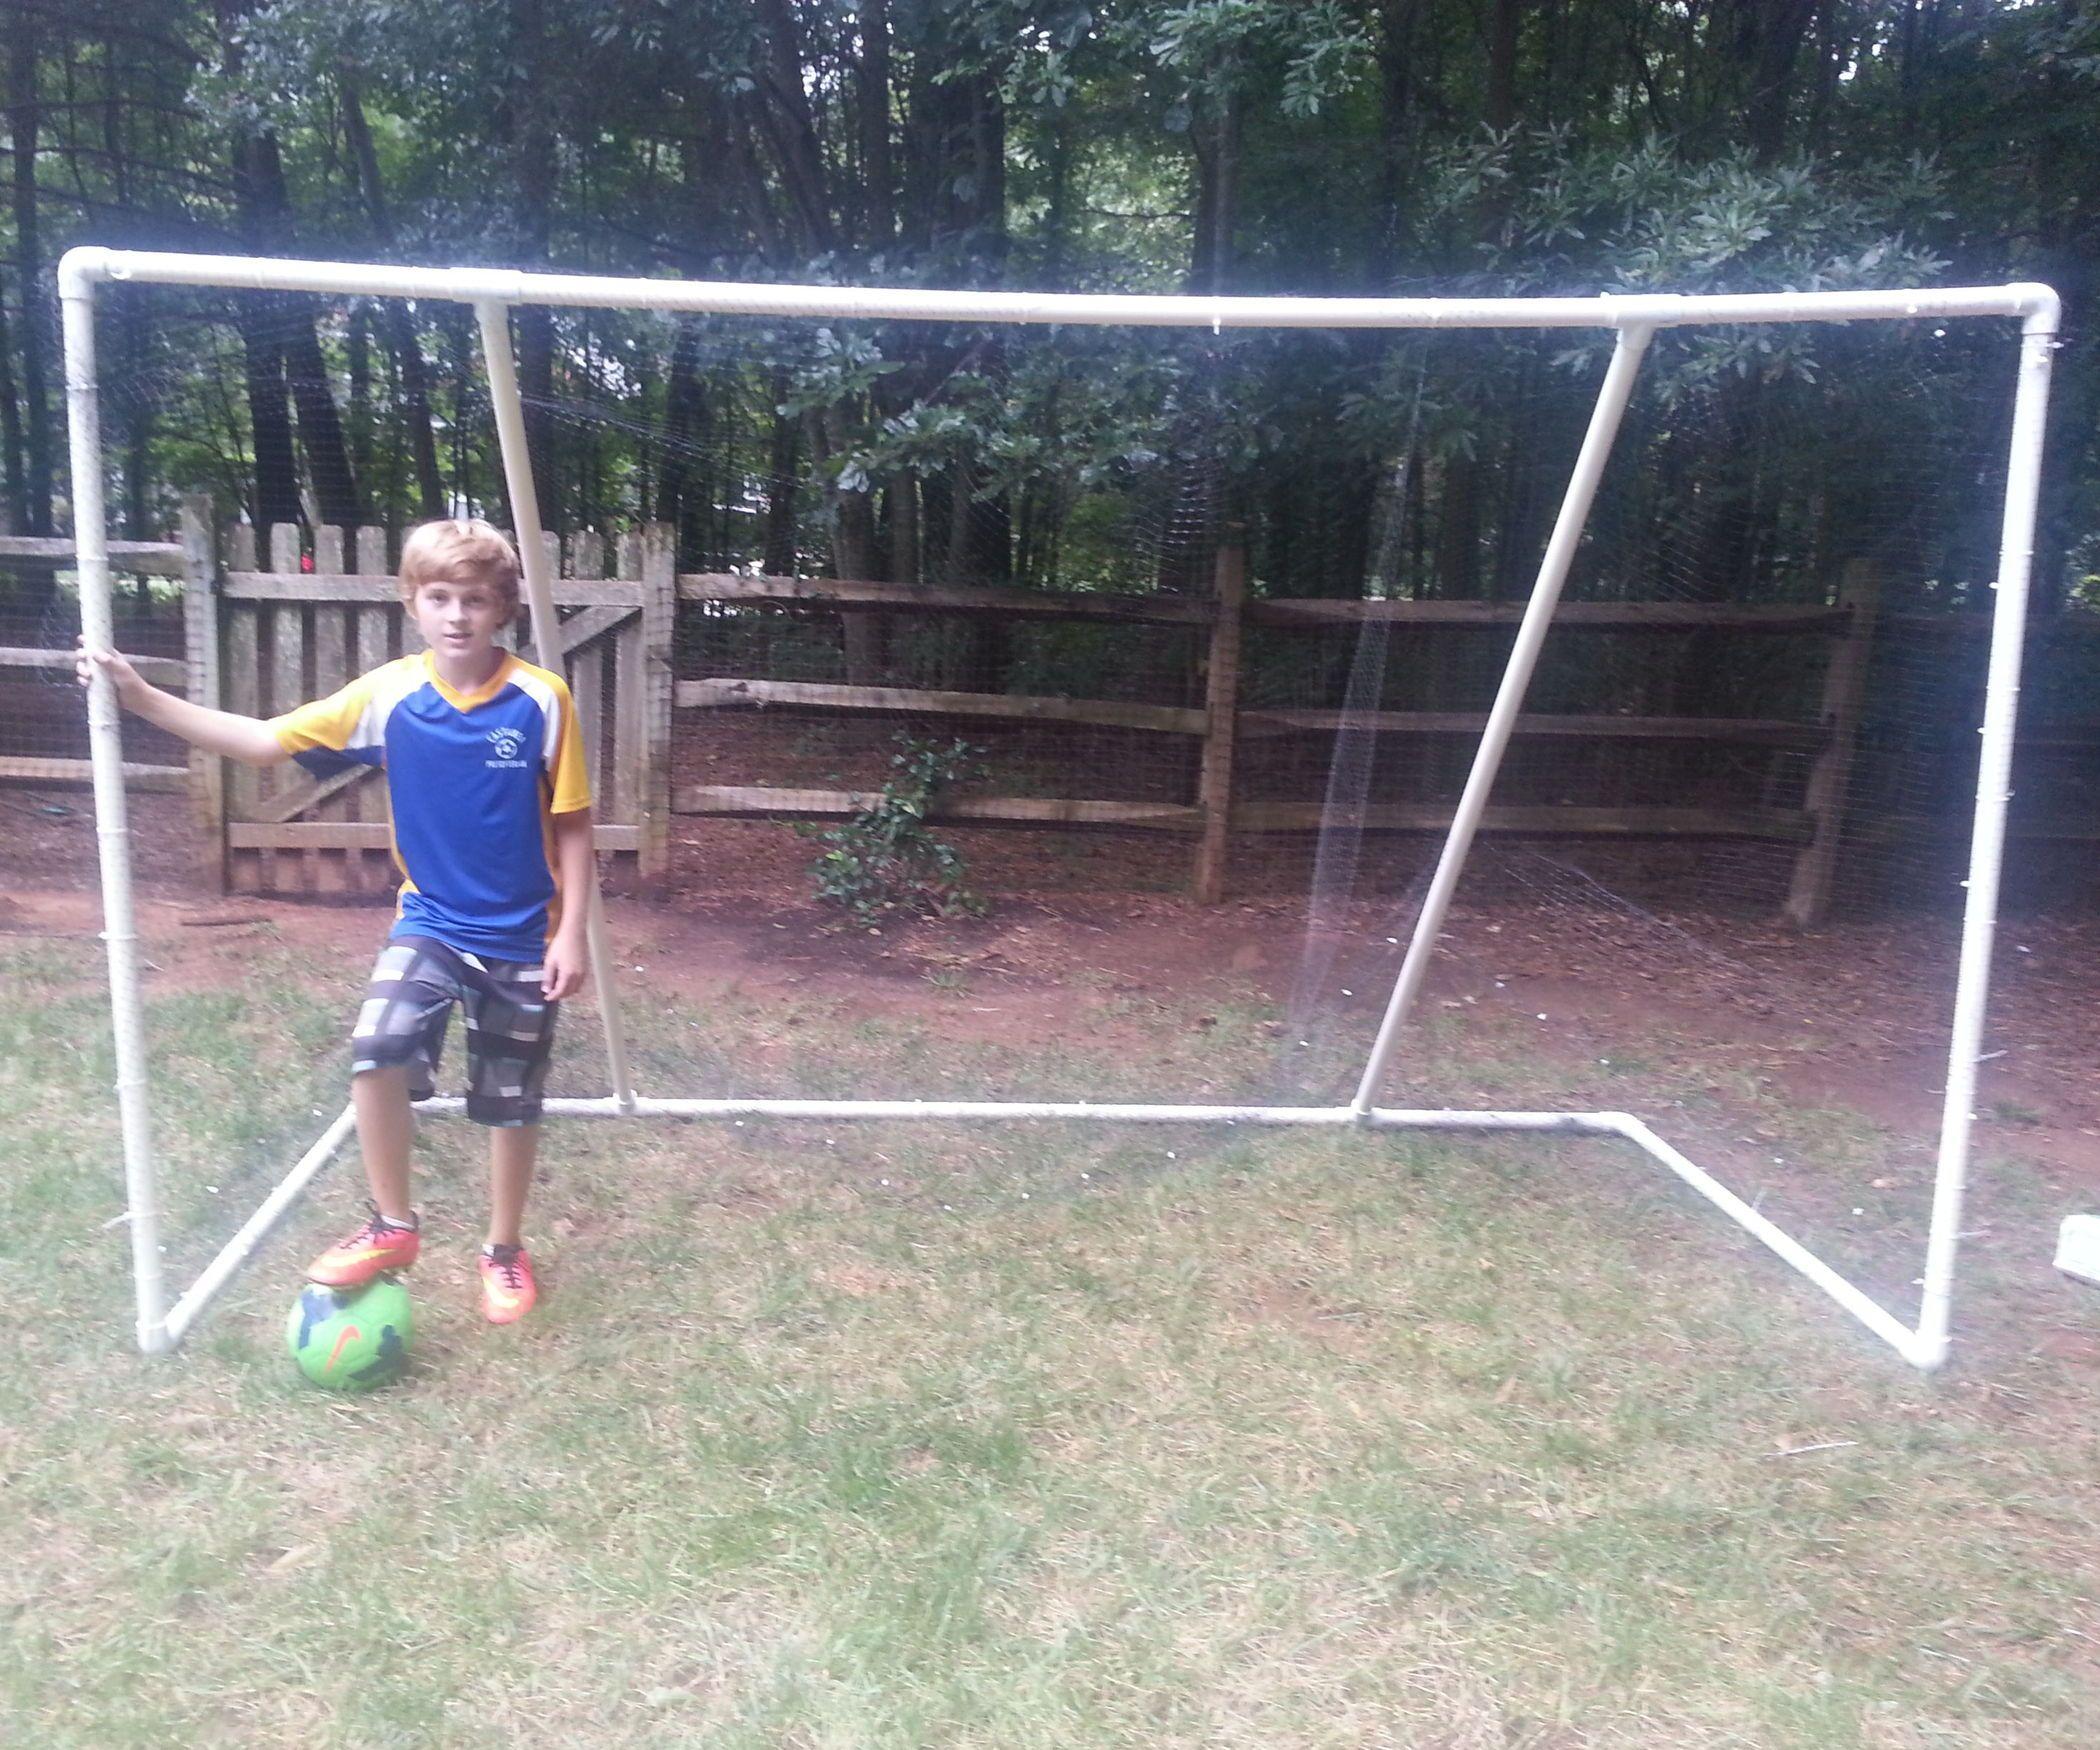 PVC Soccer Goal 10' X 6' X 4.5'   Kids soccer goal, Soccer ...